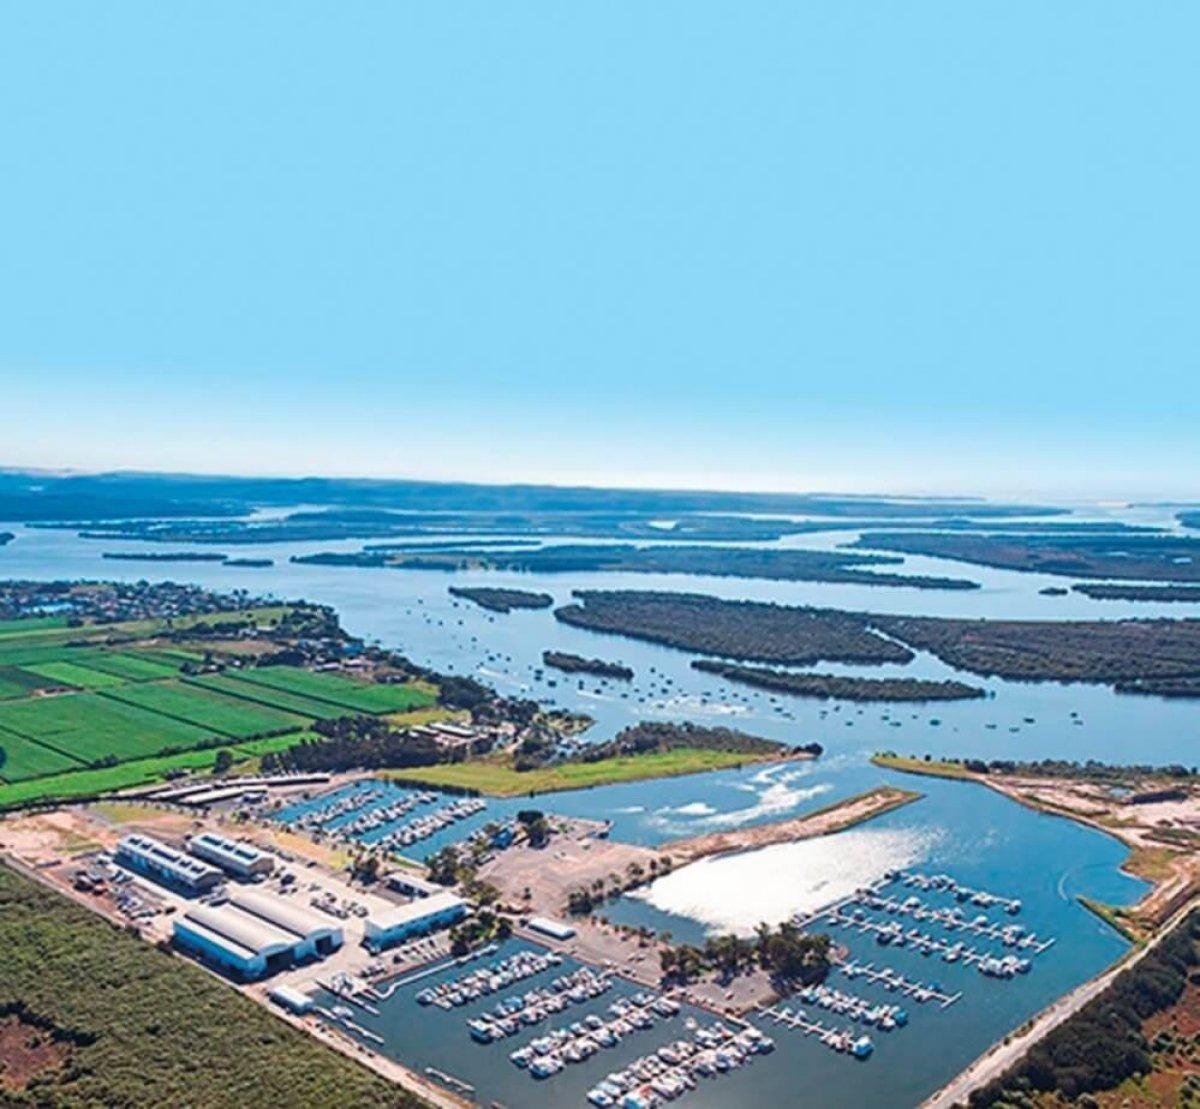 FOR SALE or RENT - 12M Multihull Marina Berth at Horizon Shores Marina:Horizon Shores Marina